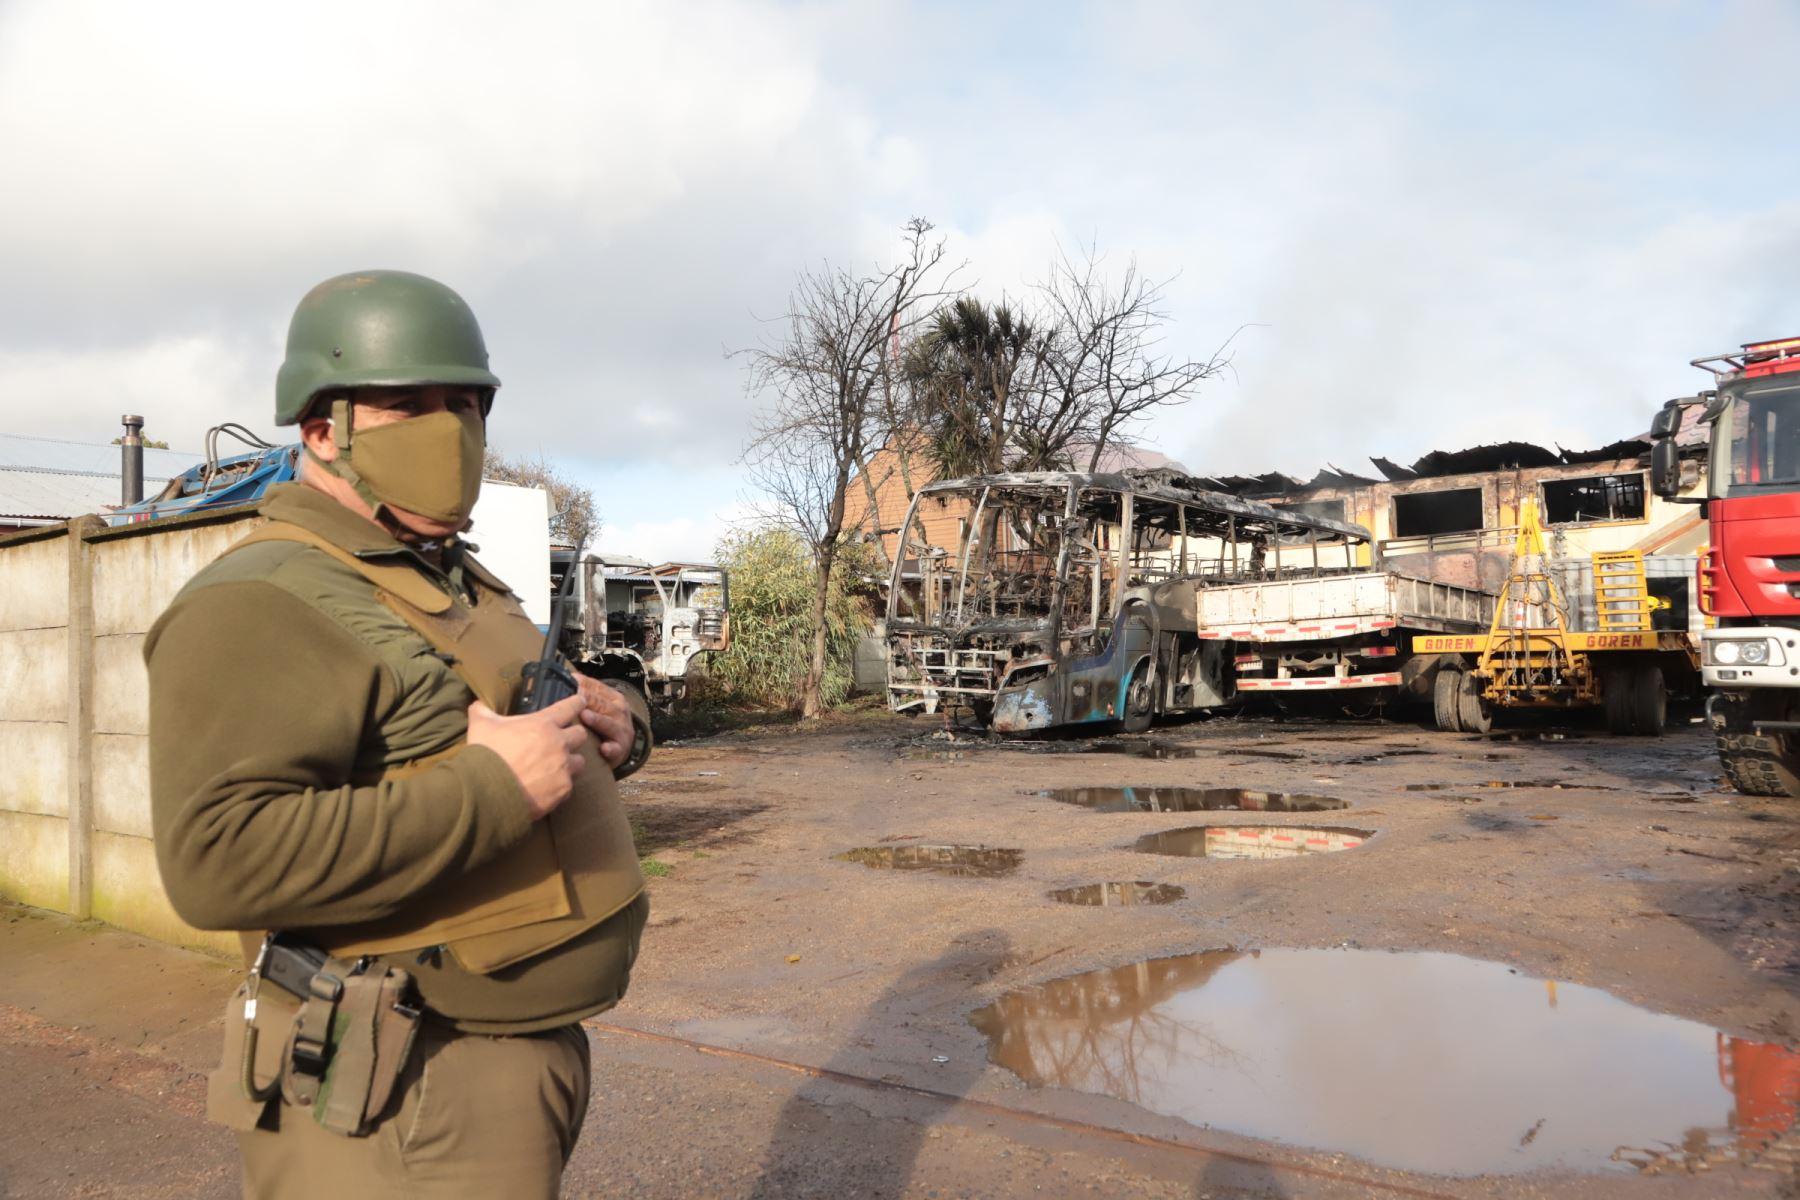 Un guardia de policía junto a vehículos incendiados frente al municipio de Ercilla, región de la Araucanía, sur de Chile. Foto: AFP